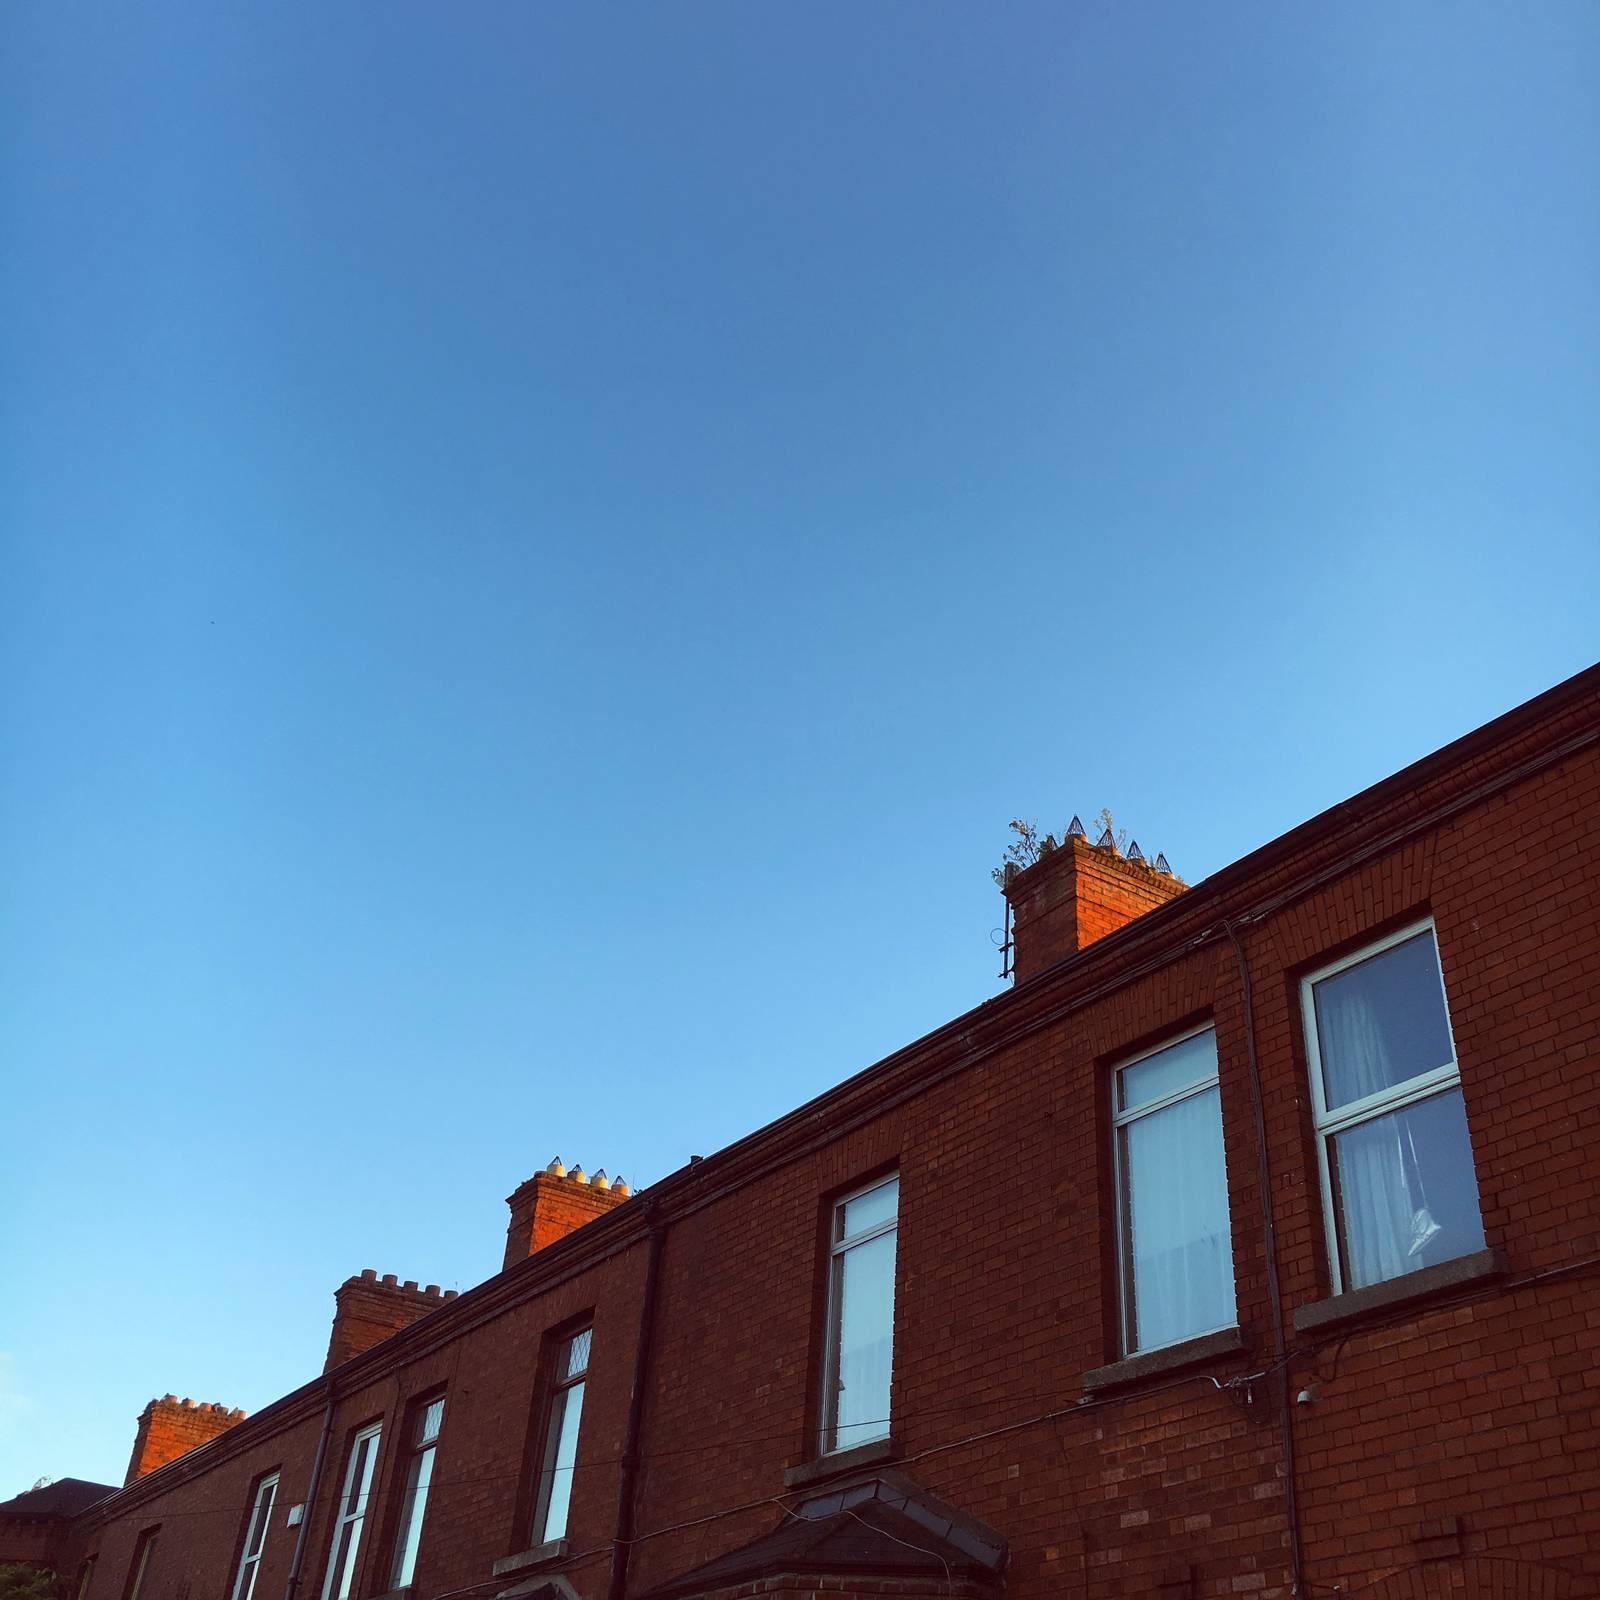 Sunset Rooftops in Dublin